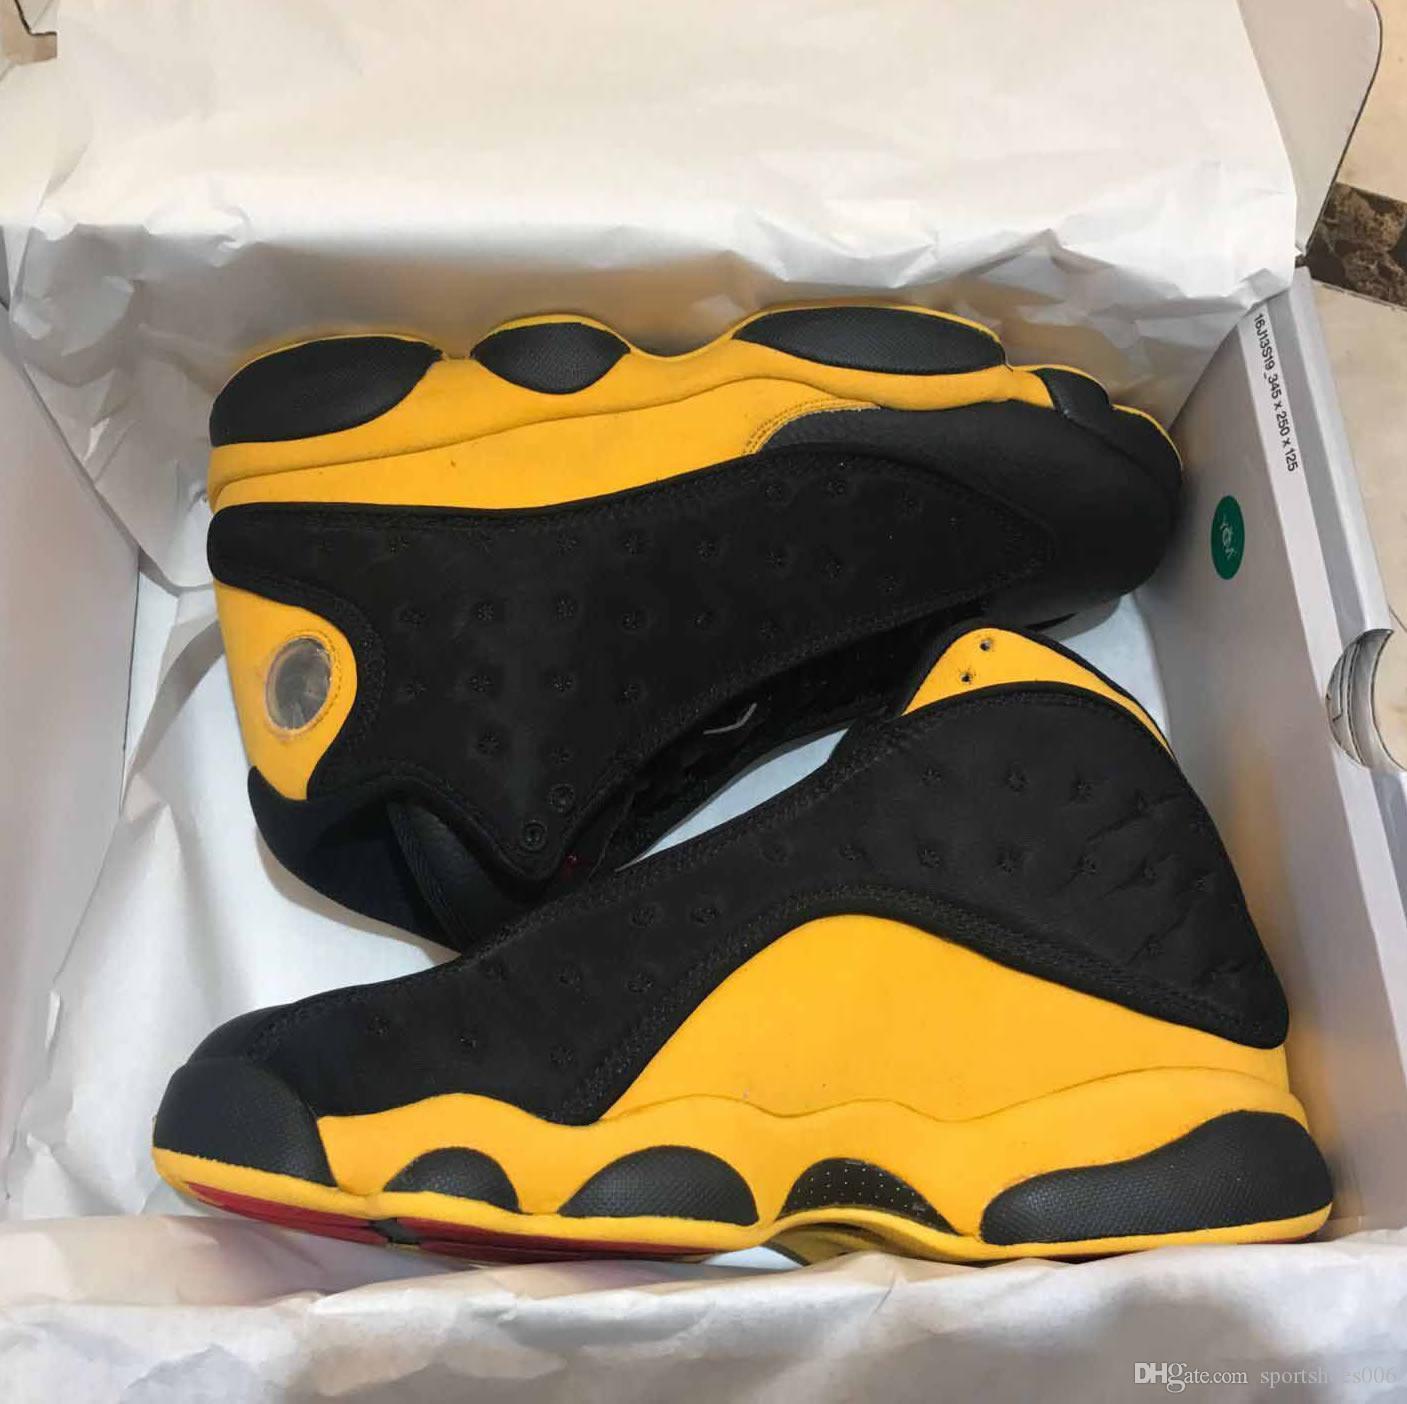 13 chaussures de basket-ball de He Got chaussures de sport jeu de sport de luxe de Chicago l'historique des vols de chaussures de créateurs de mode 13s Etats-Unis 40-47